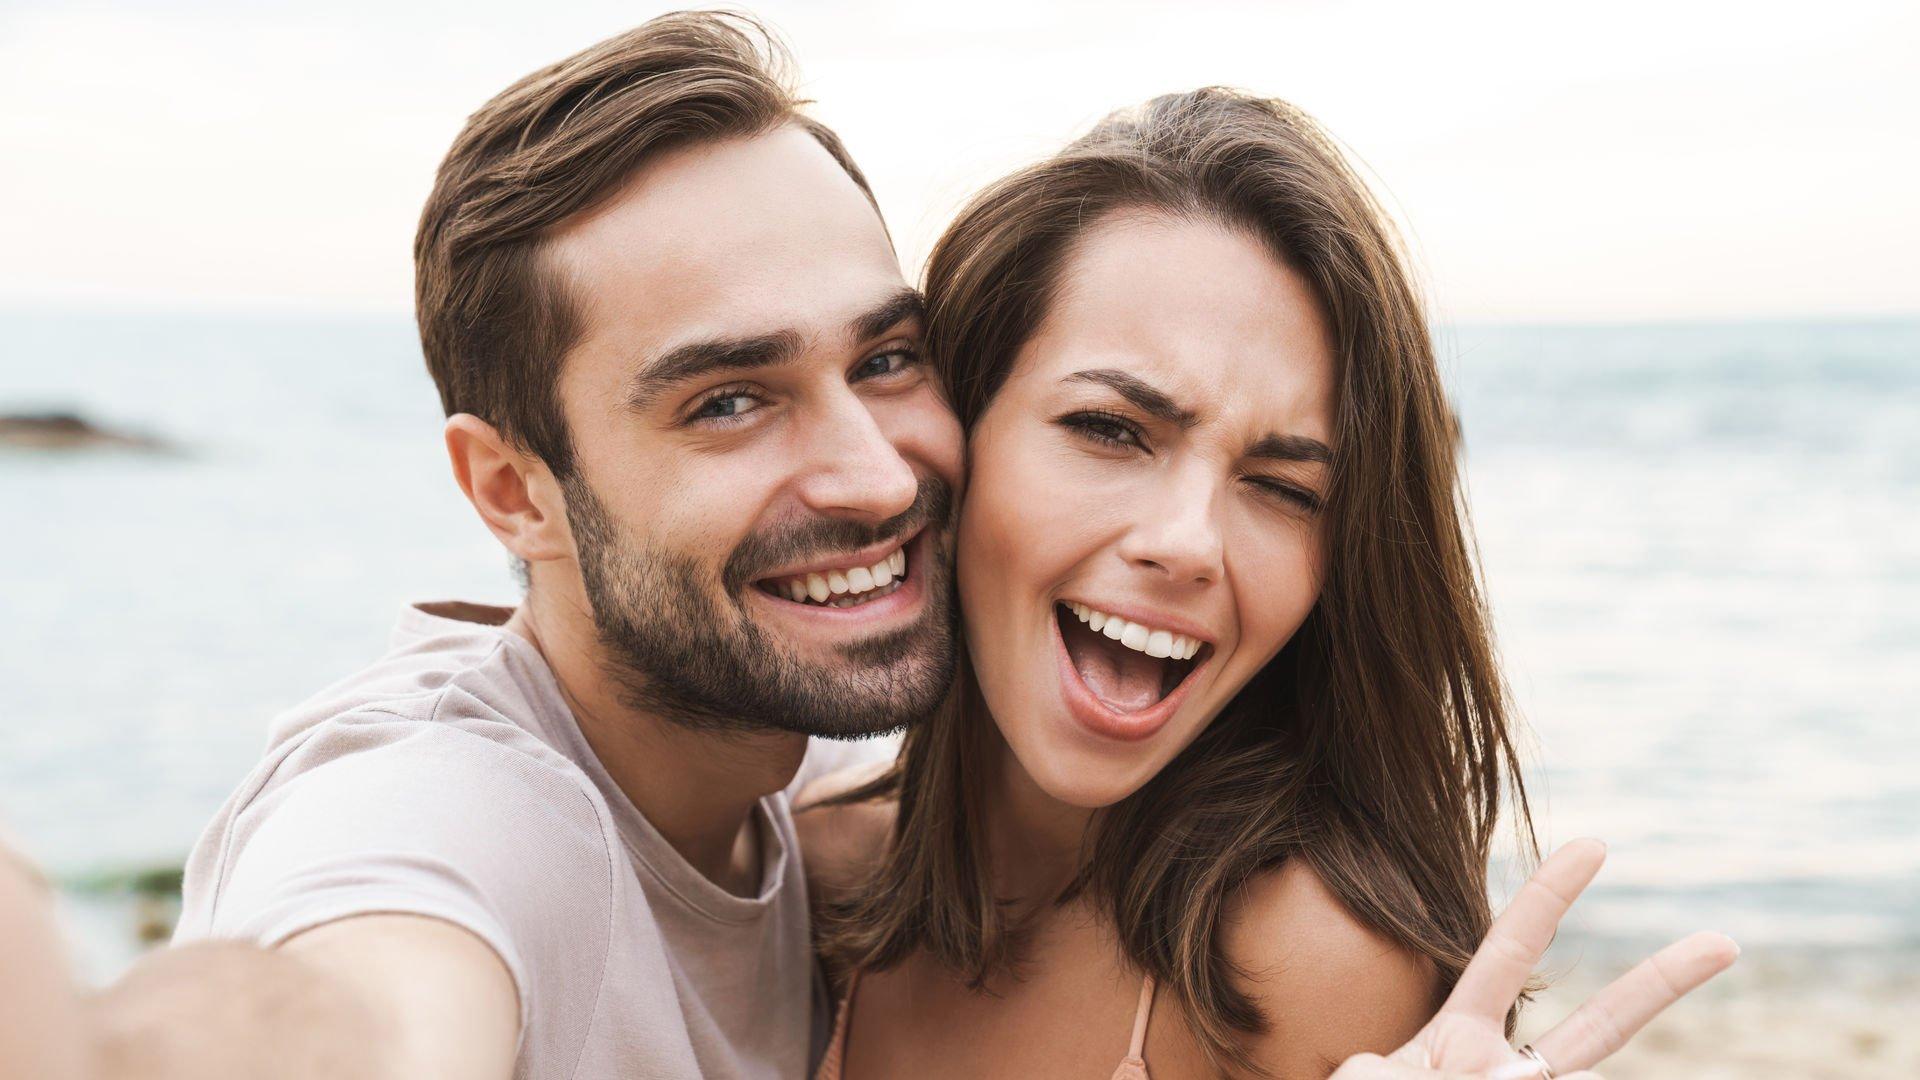 Mutlu bir ilişkinin ipuçları